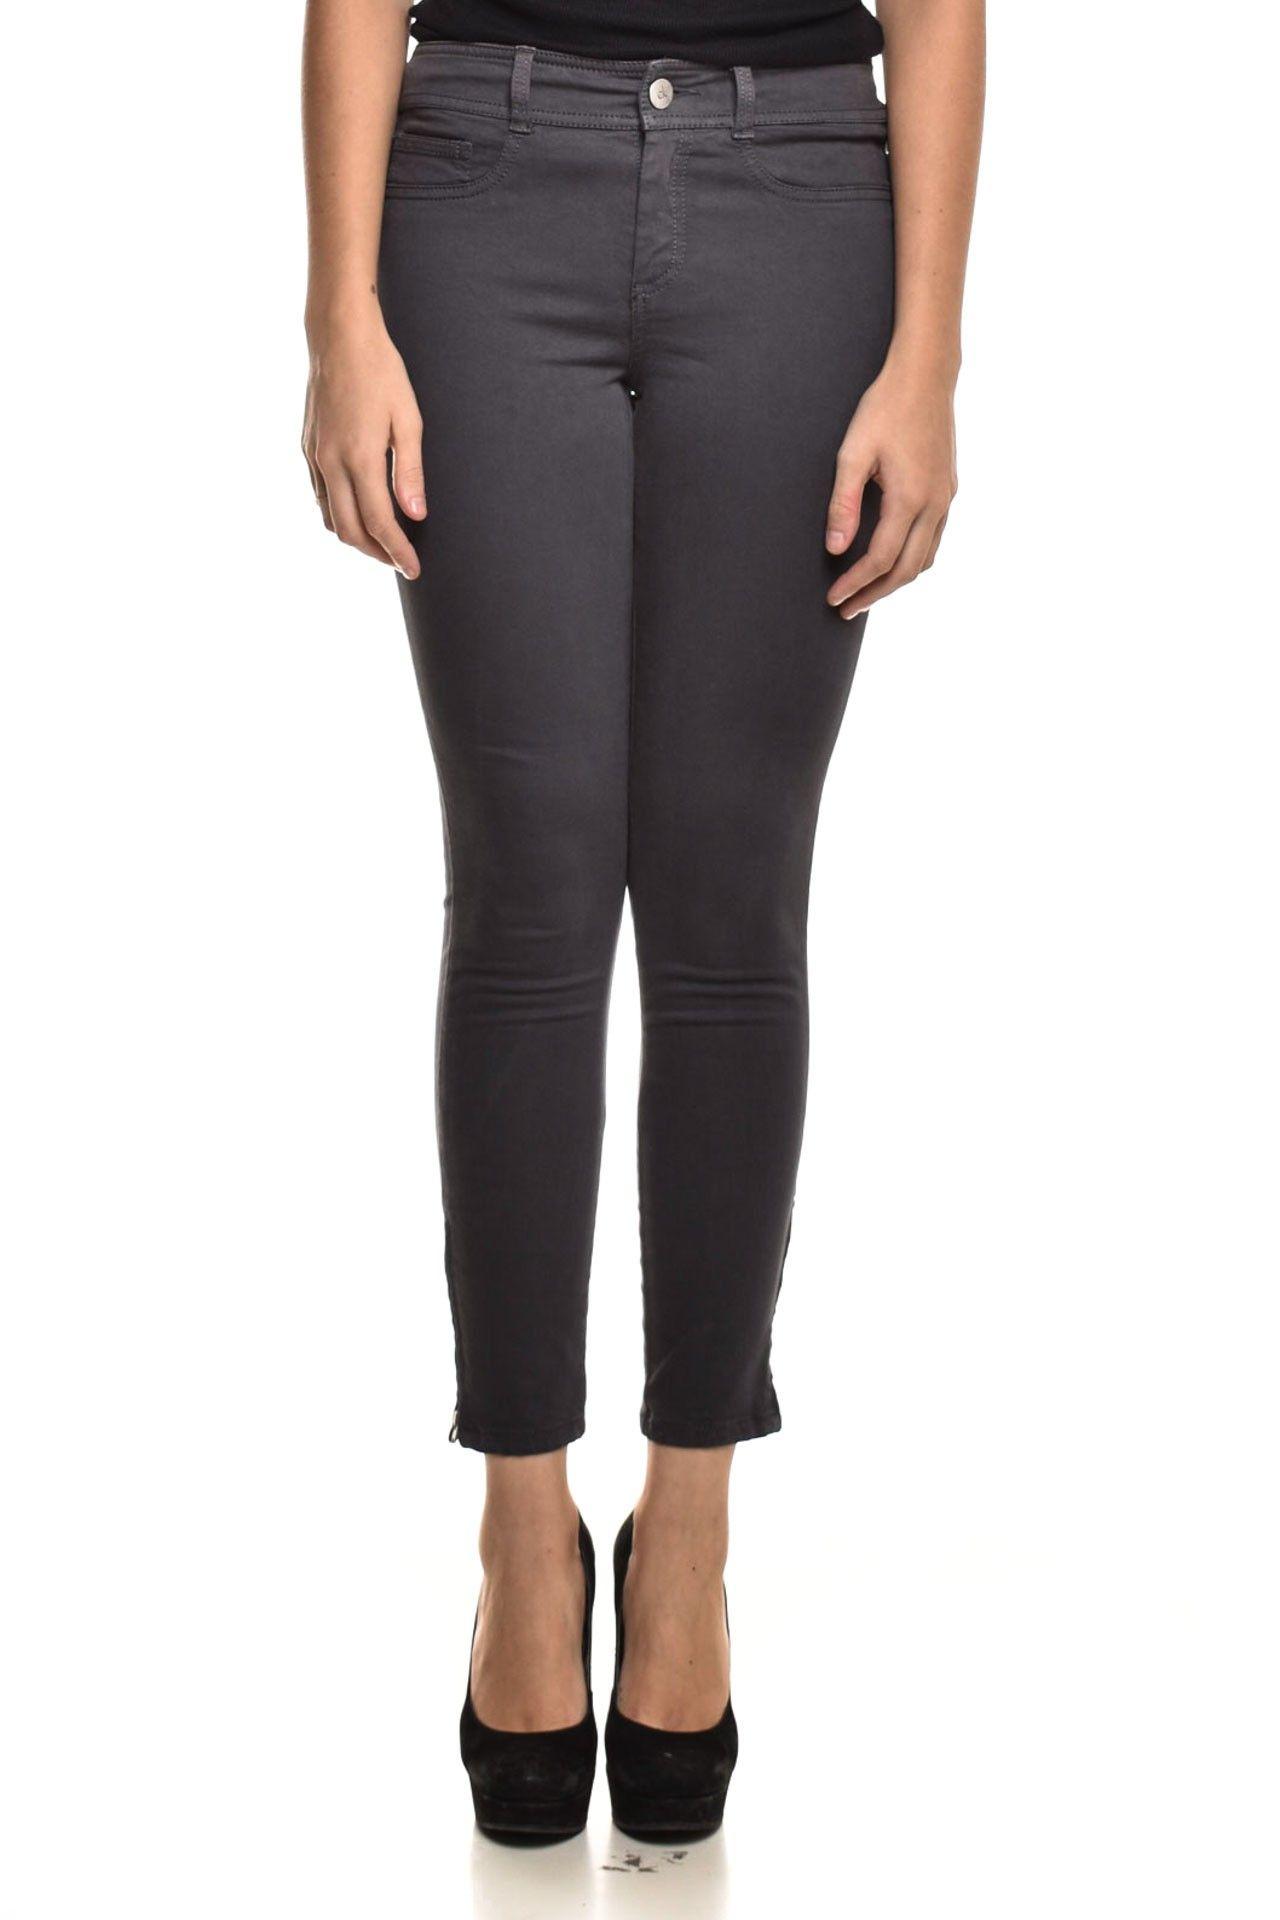 Calvin Klein - Calça Jeans Cinza - Foto 1